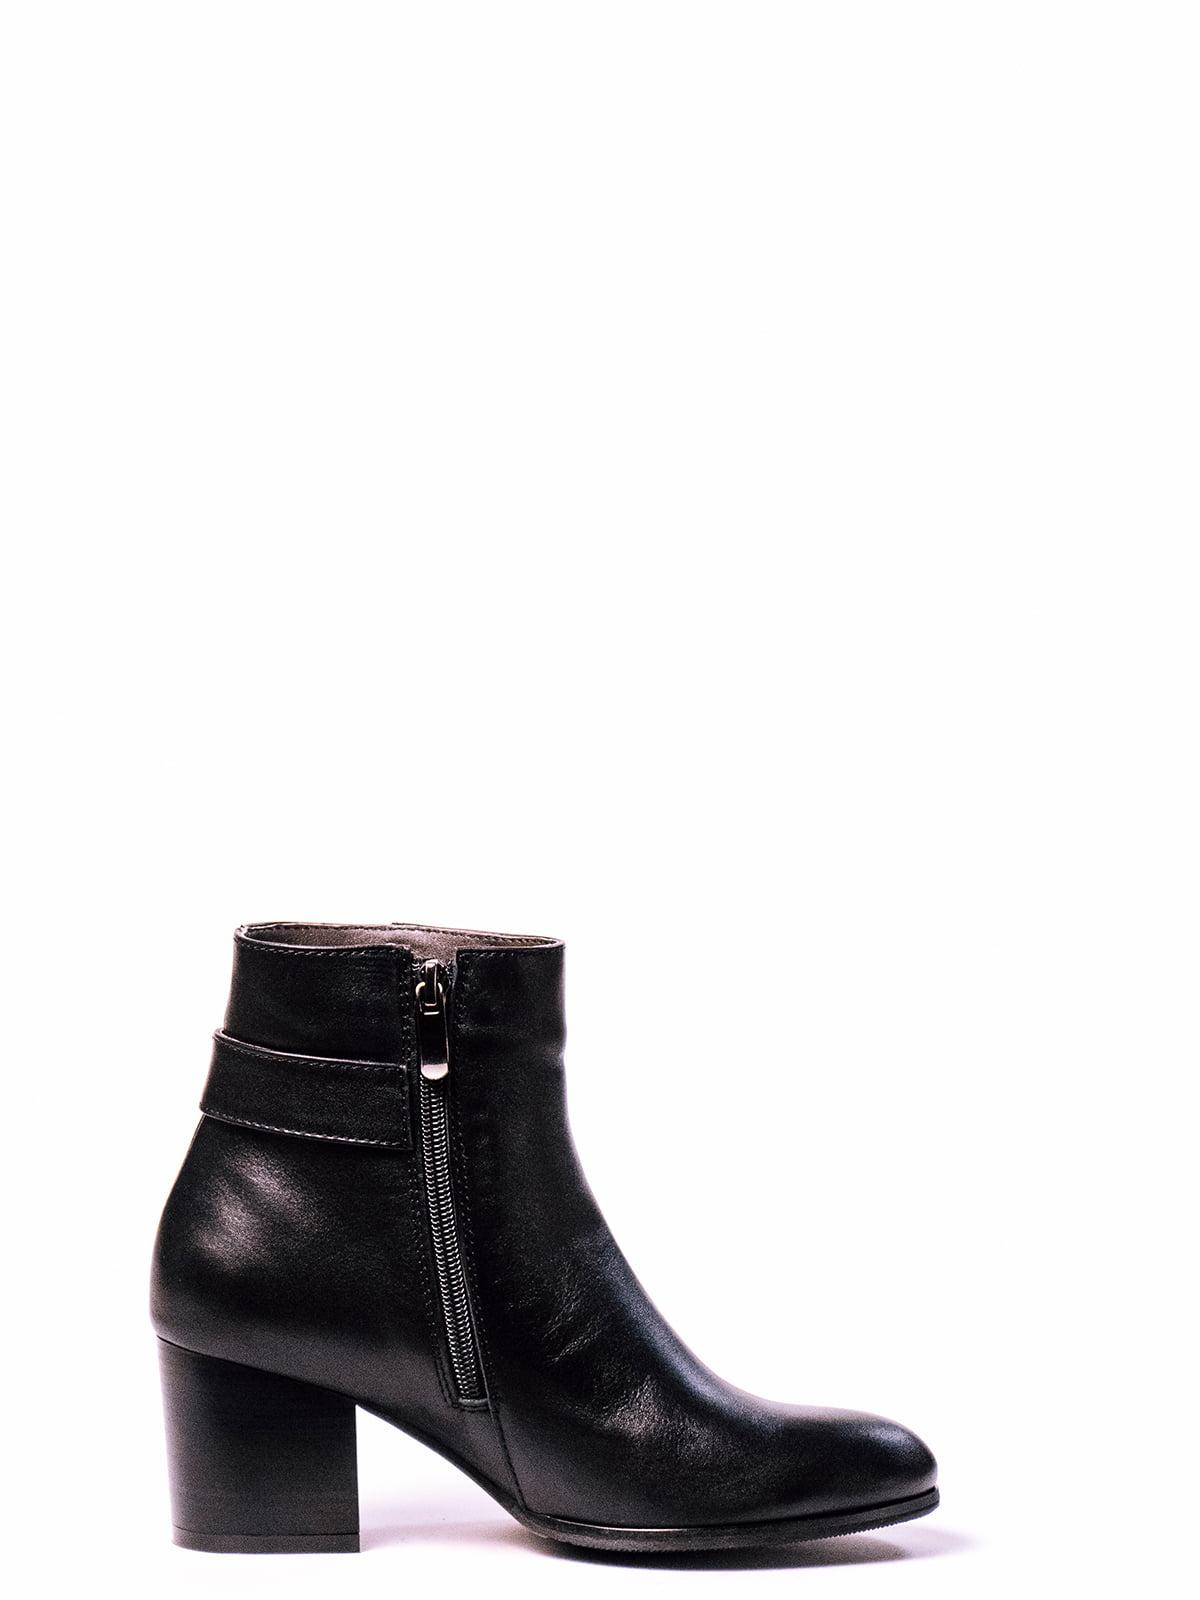 Ботинки черные | 4860362 | фото 2